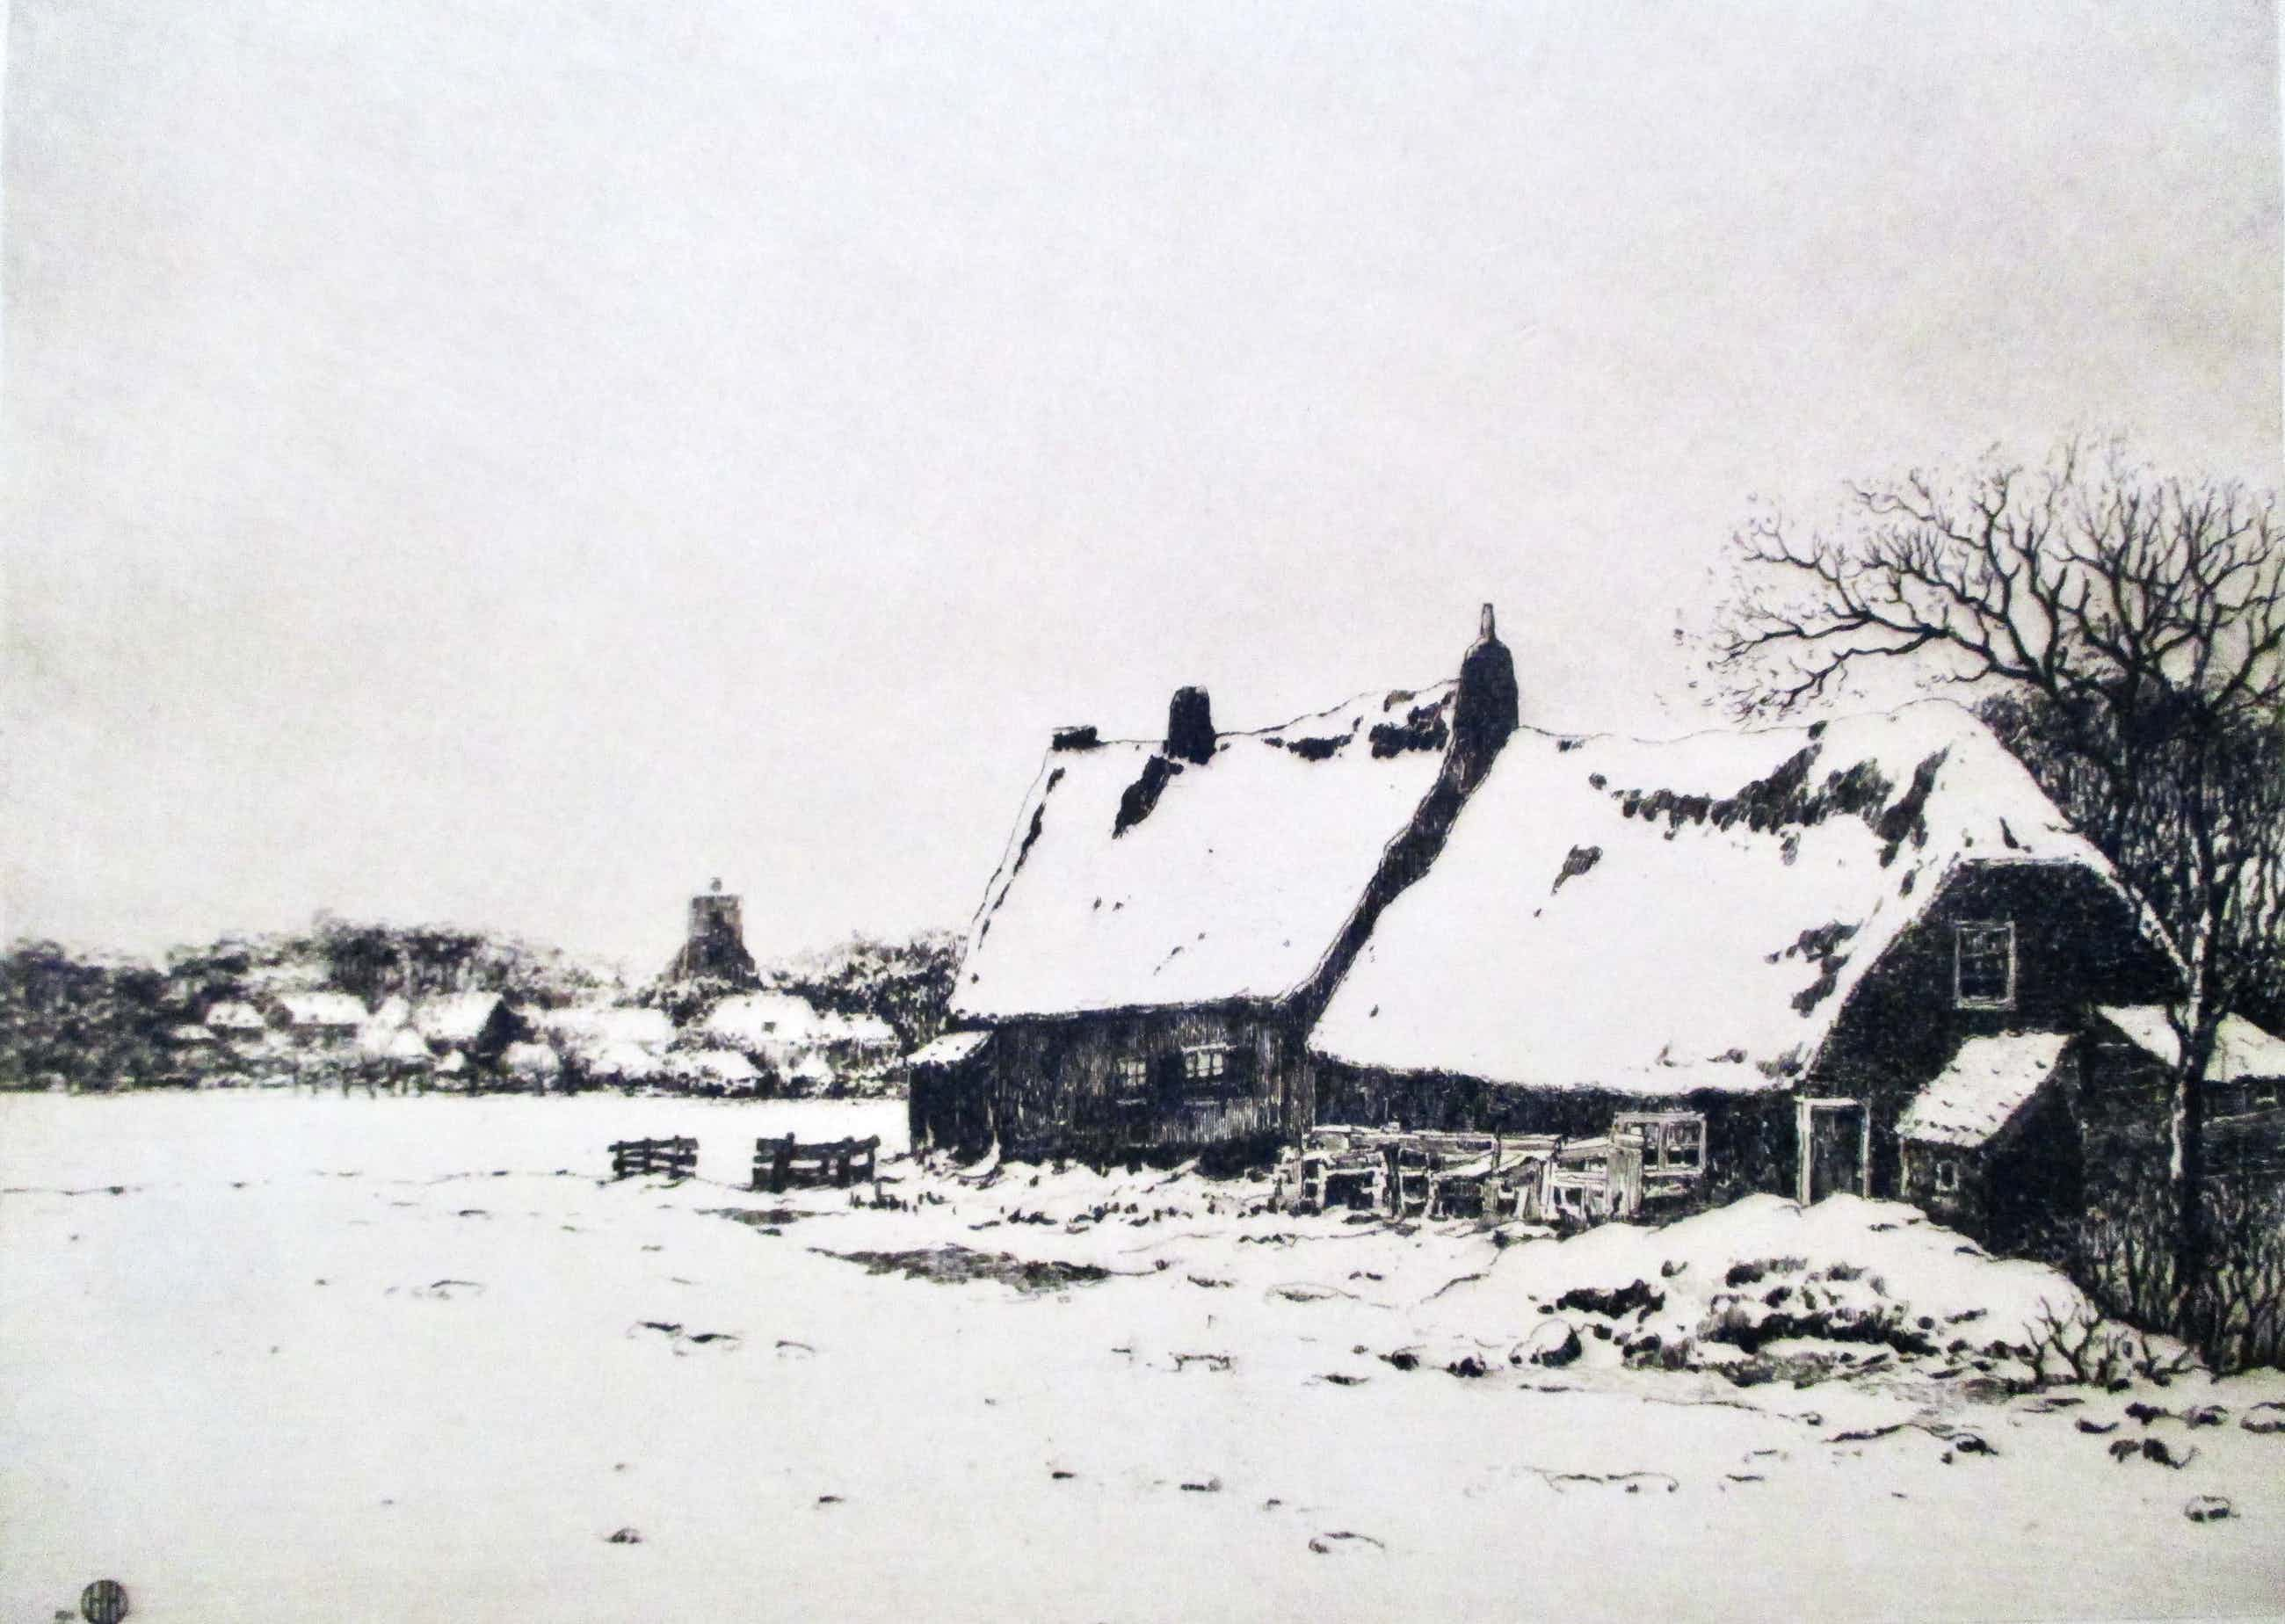 Herman Heuff - Ets boerderij in de sneeuw kopen? Bied vanaf 40!